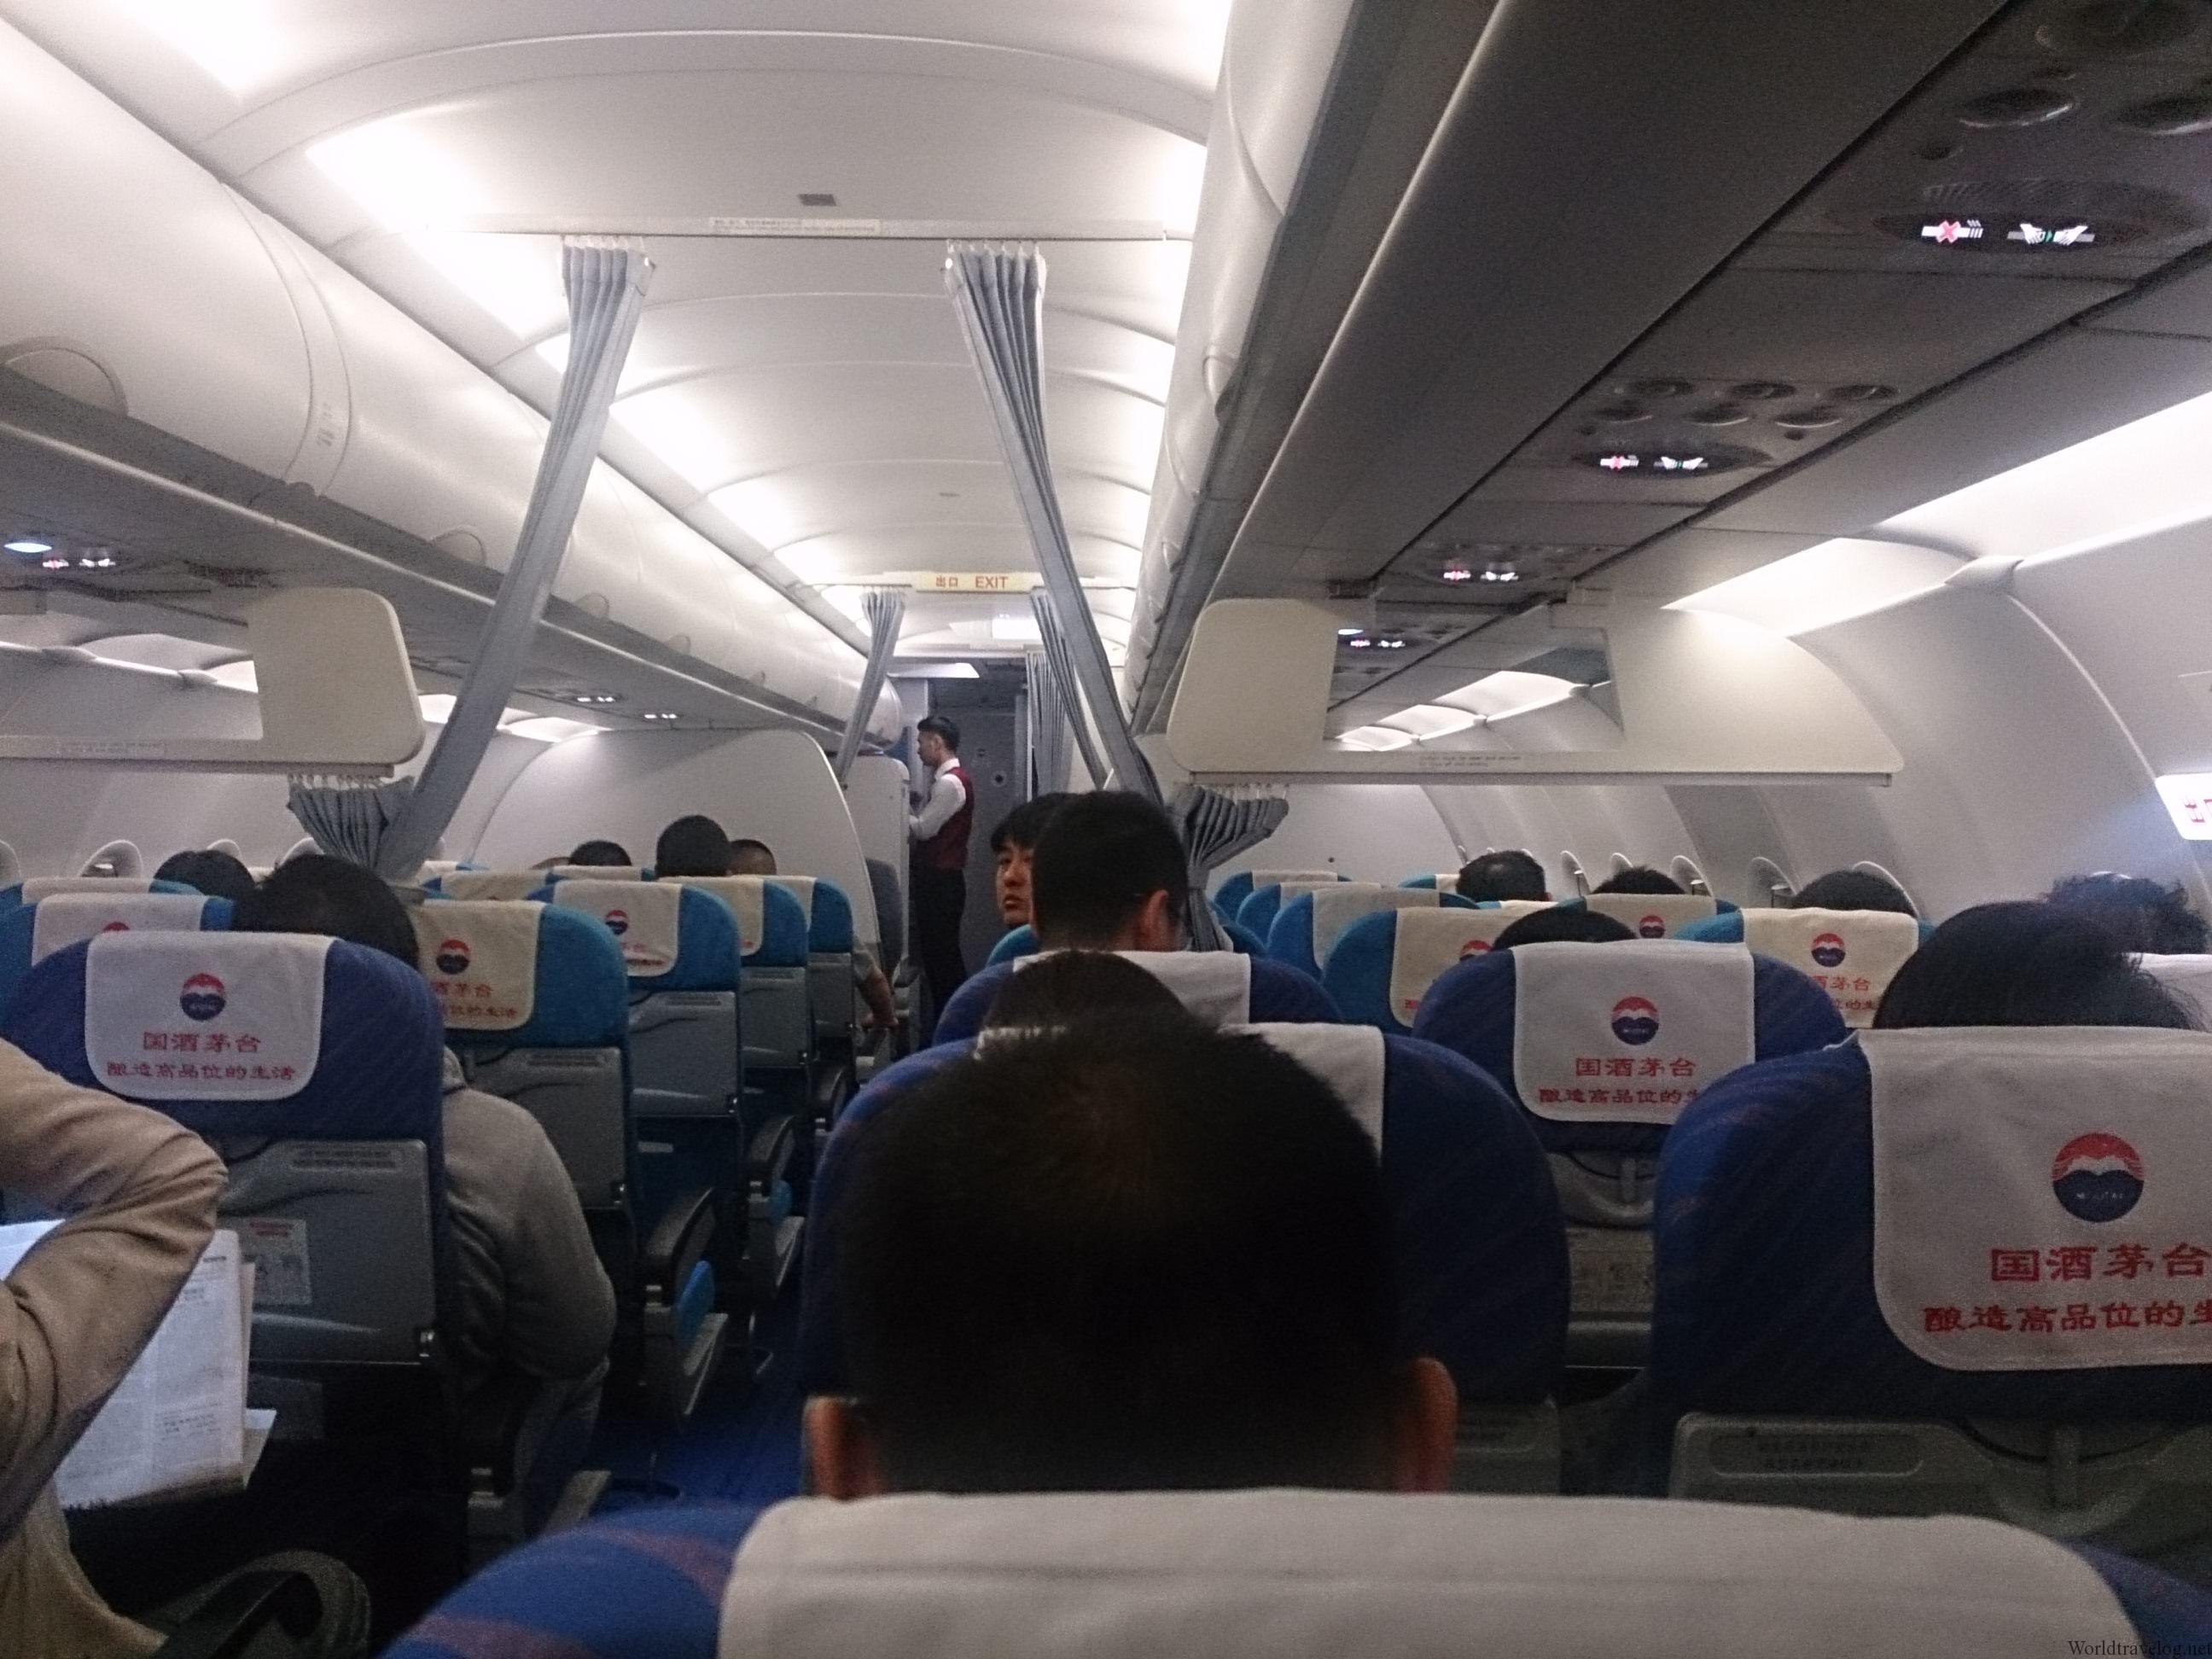 やっぱり疲れる南方航空のエコノミー 天津⇒広州